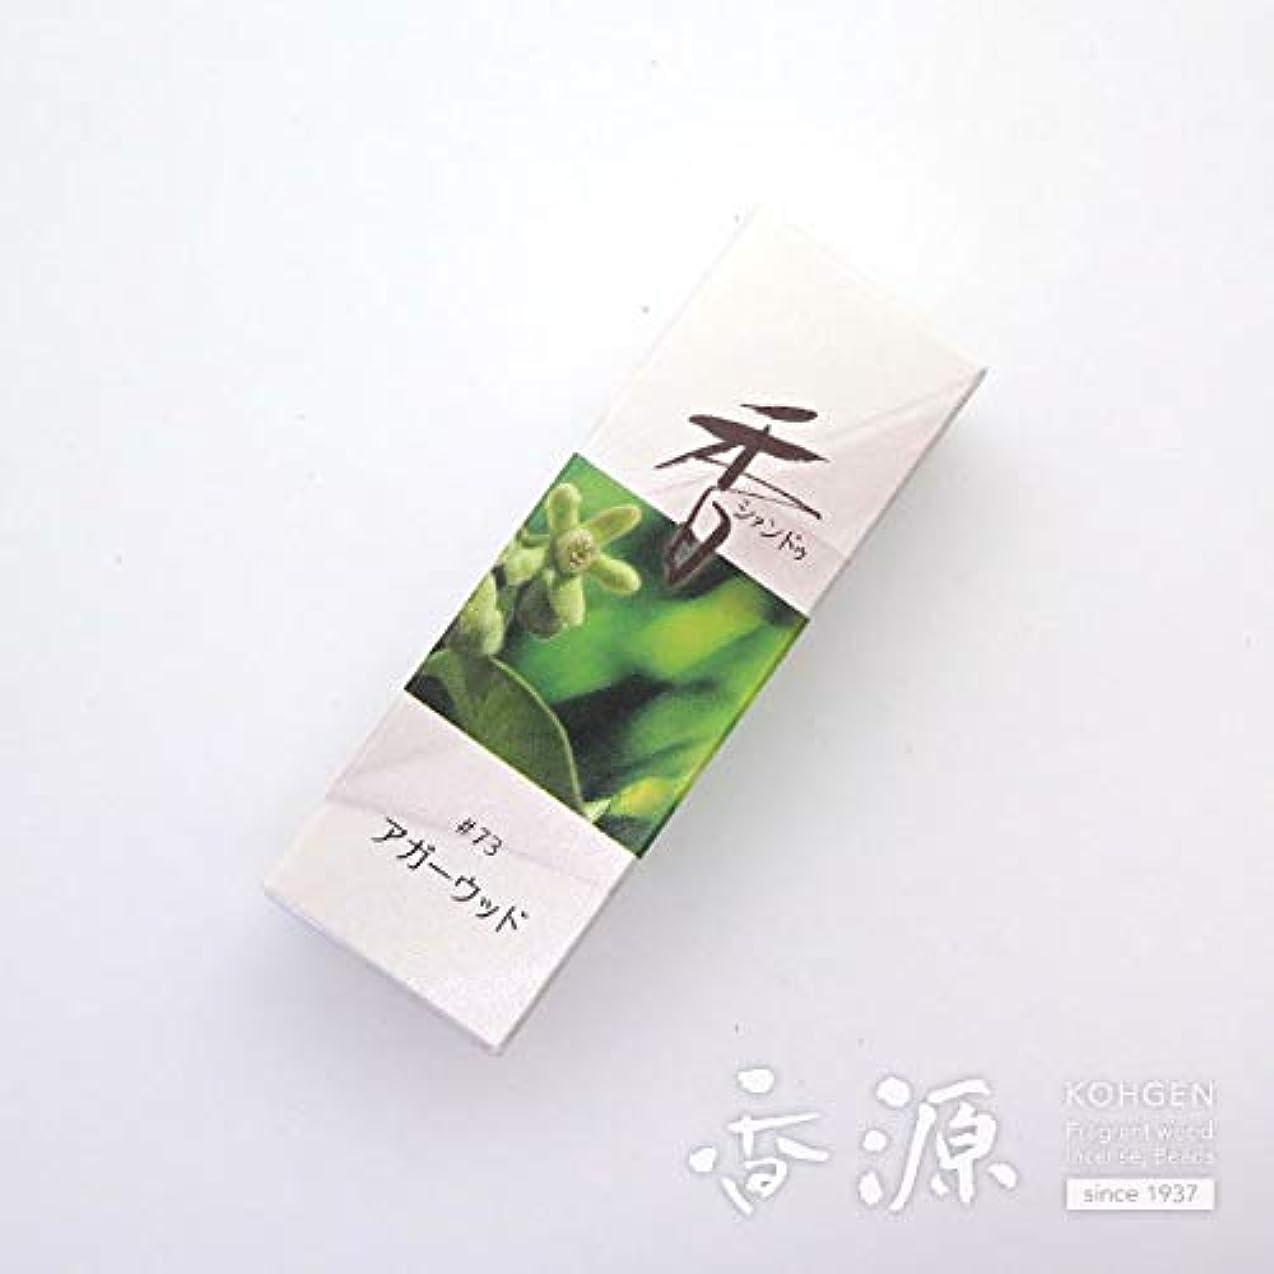 クラブ速度ペース松栄堂のお香 Xiang Do(シャンドゥ) アガーウッド ST20本入 簡易香立付 #214273